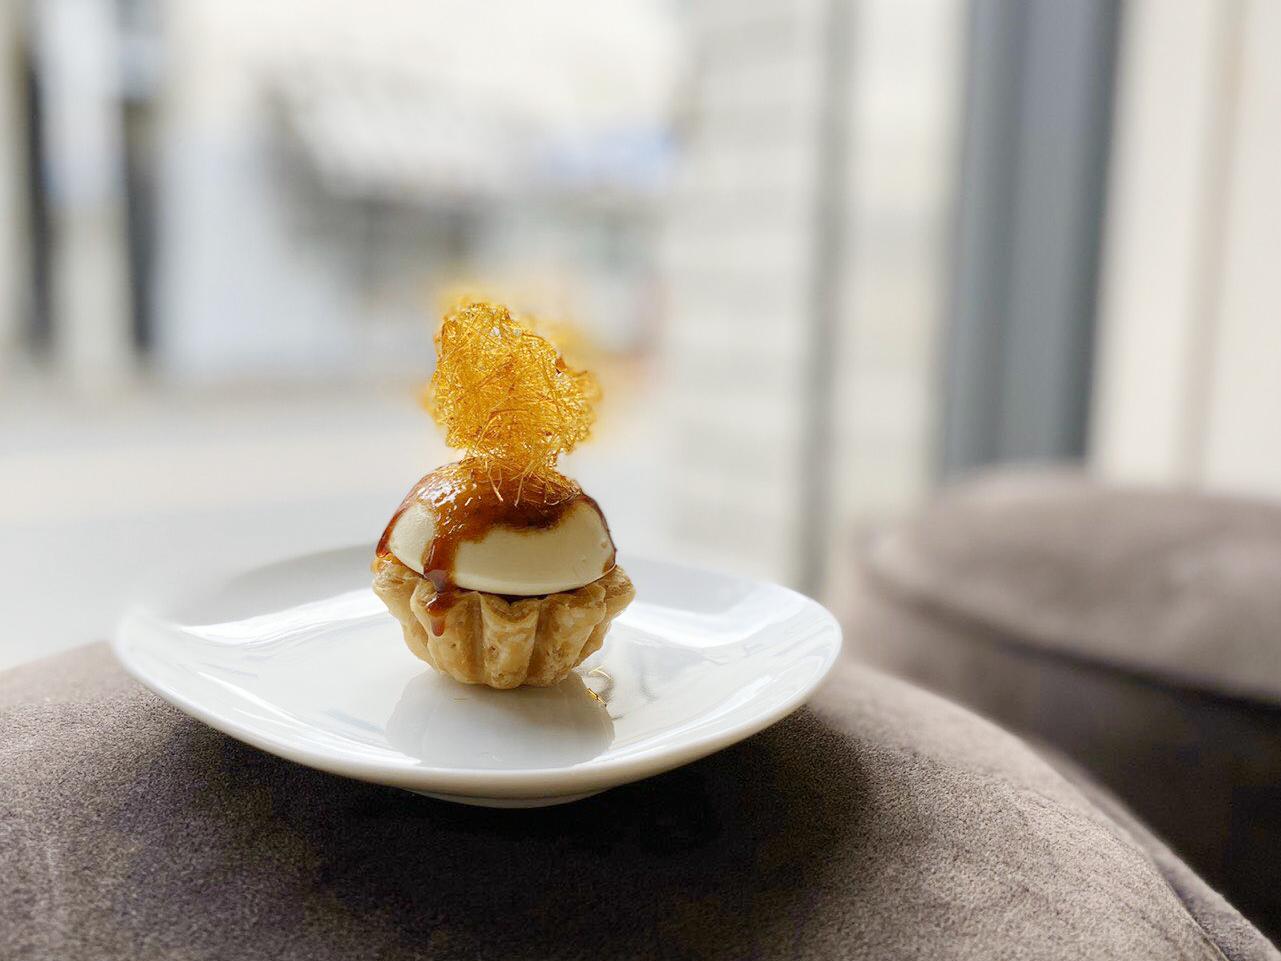 口の中でアップルパイができあがる…! フランス菓子「ピュイダムール」